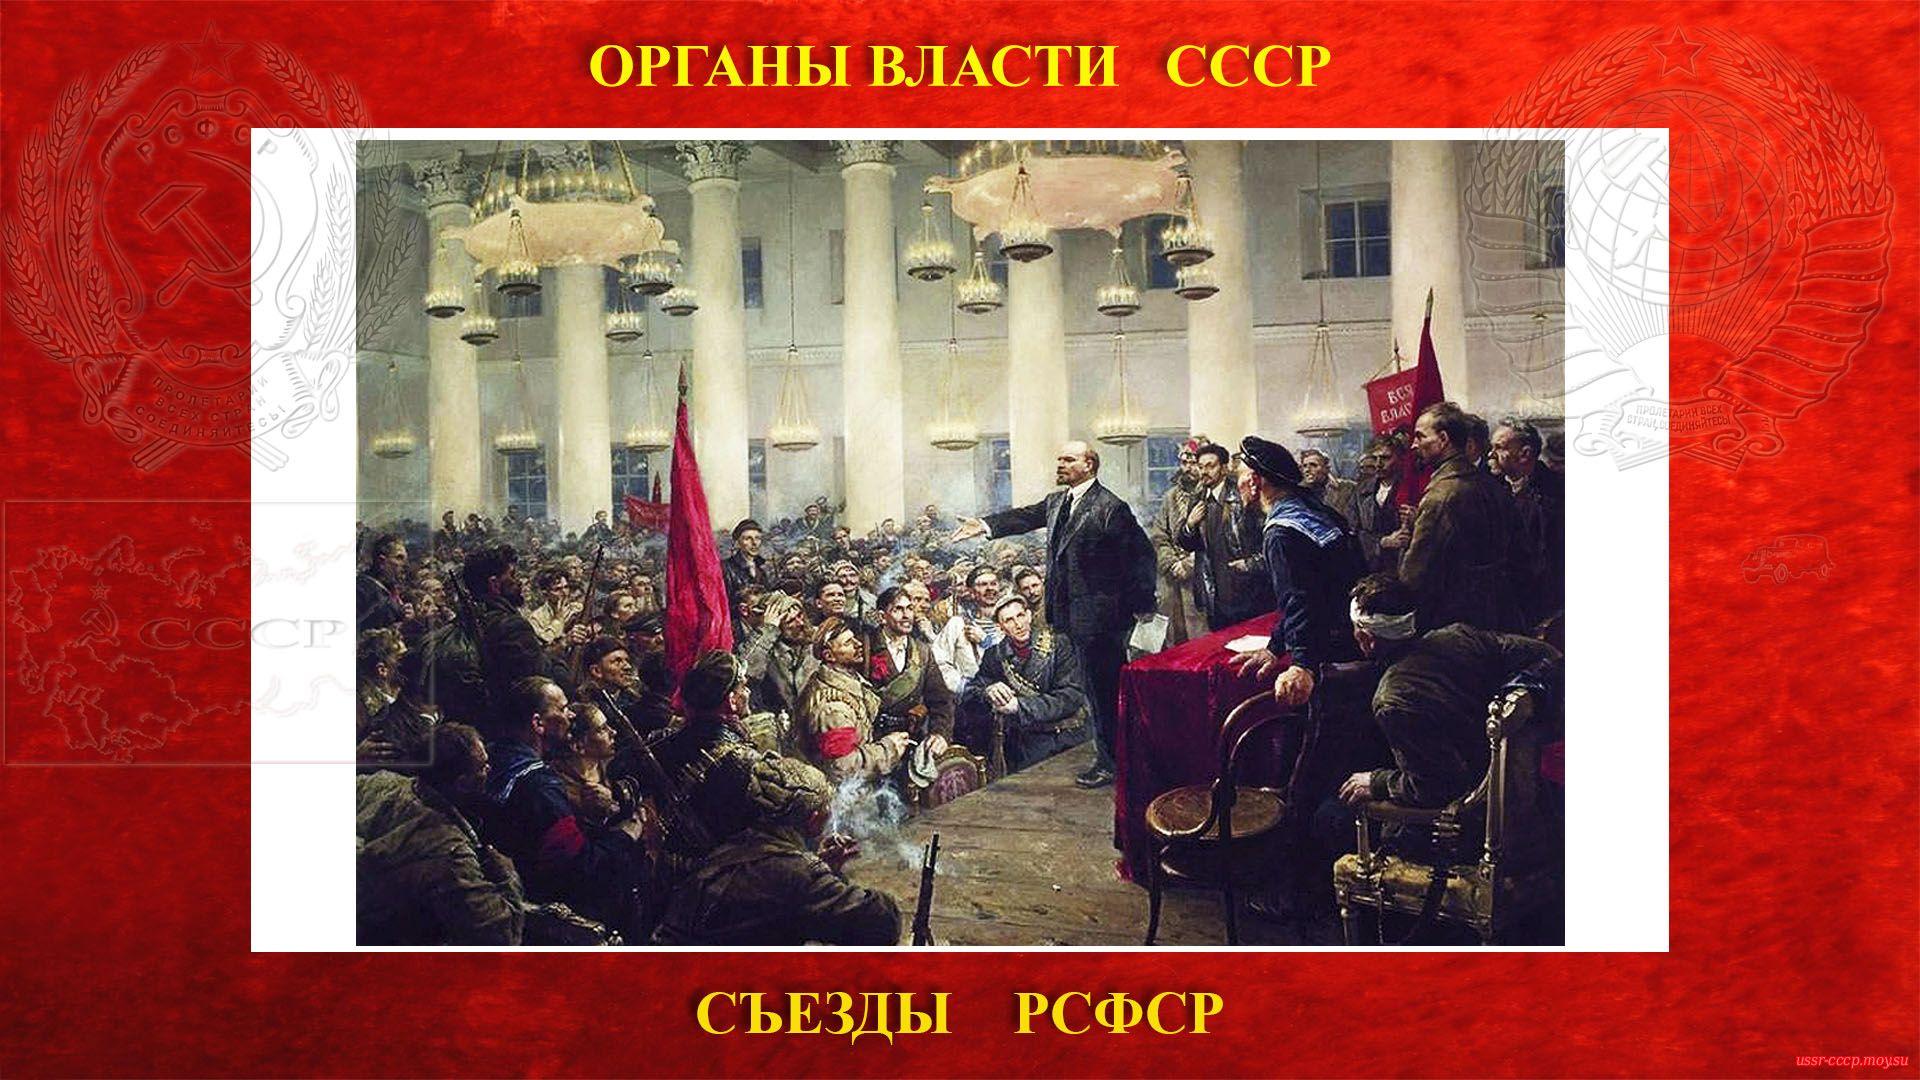 II Всероссийский съезд Советов рабочих и солдатских депутатов (07.11.1917 — 09.11.1917) (повествование)